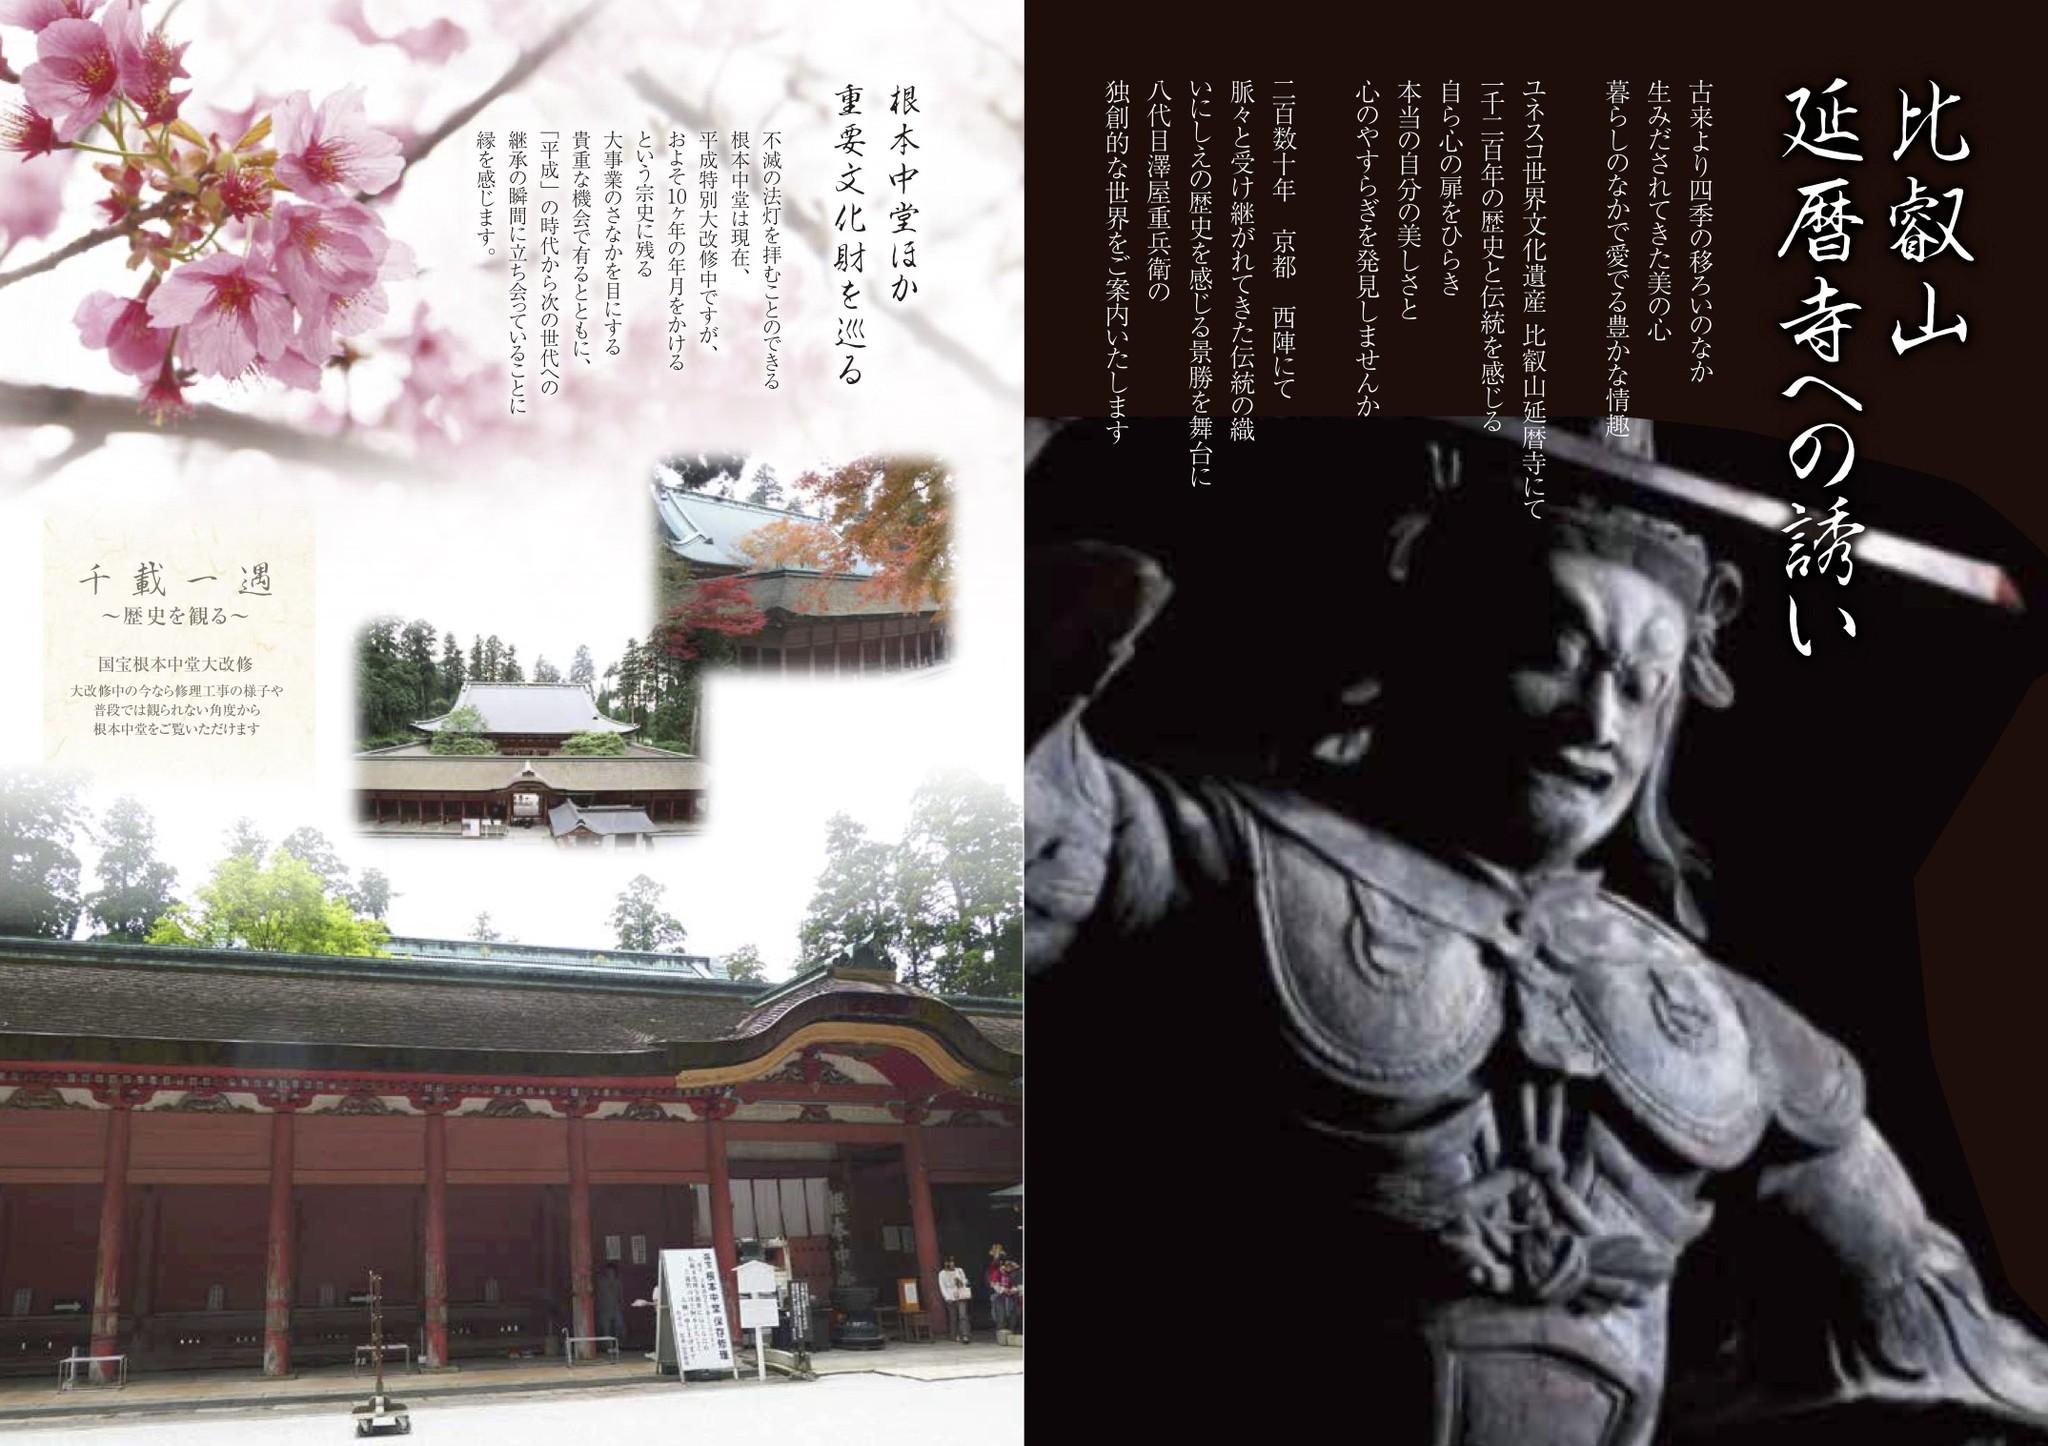 令和元年5月 比叡山延暦寺『桜雲の会』澤屋重兵衛個展